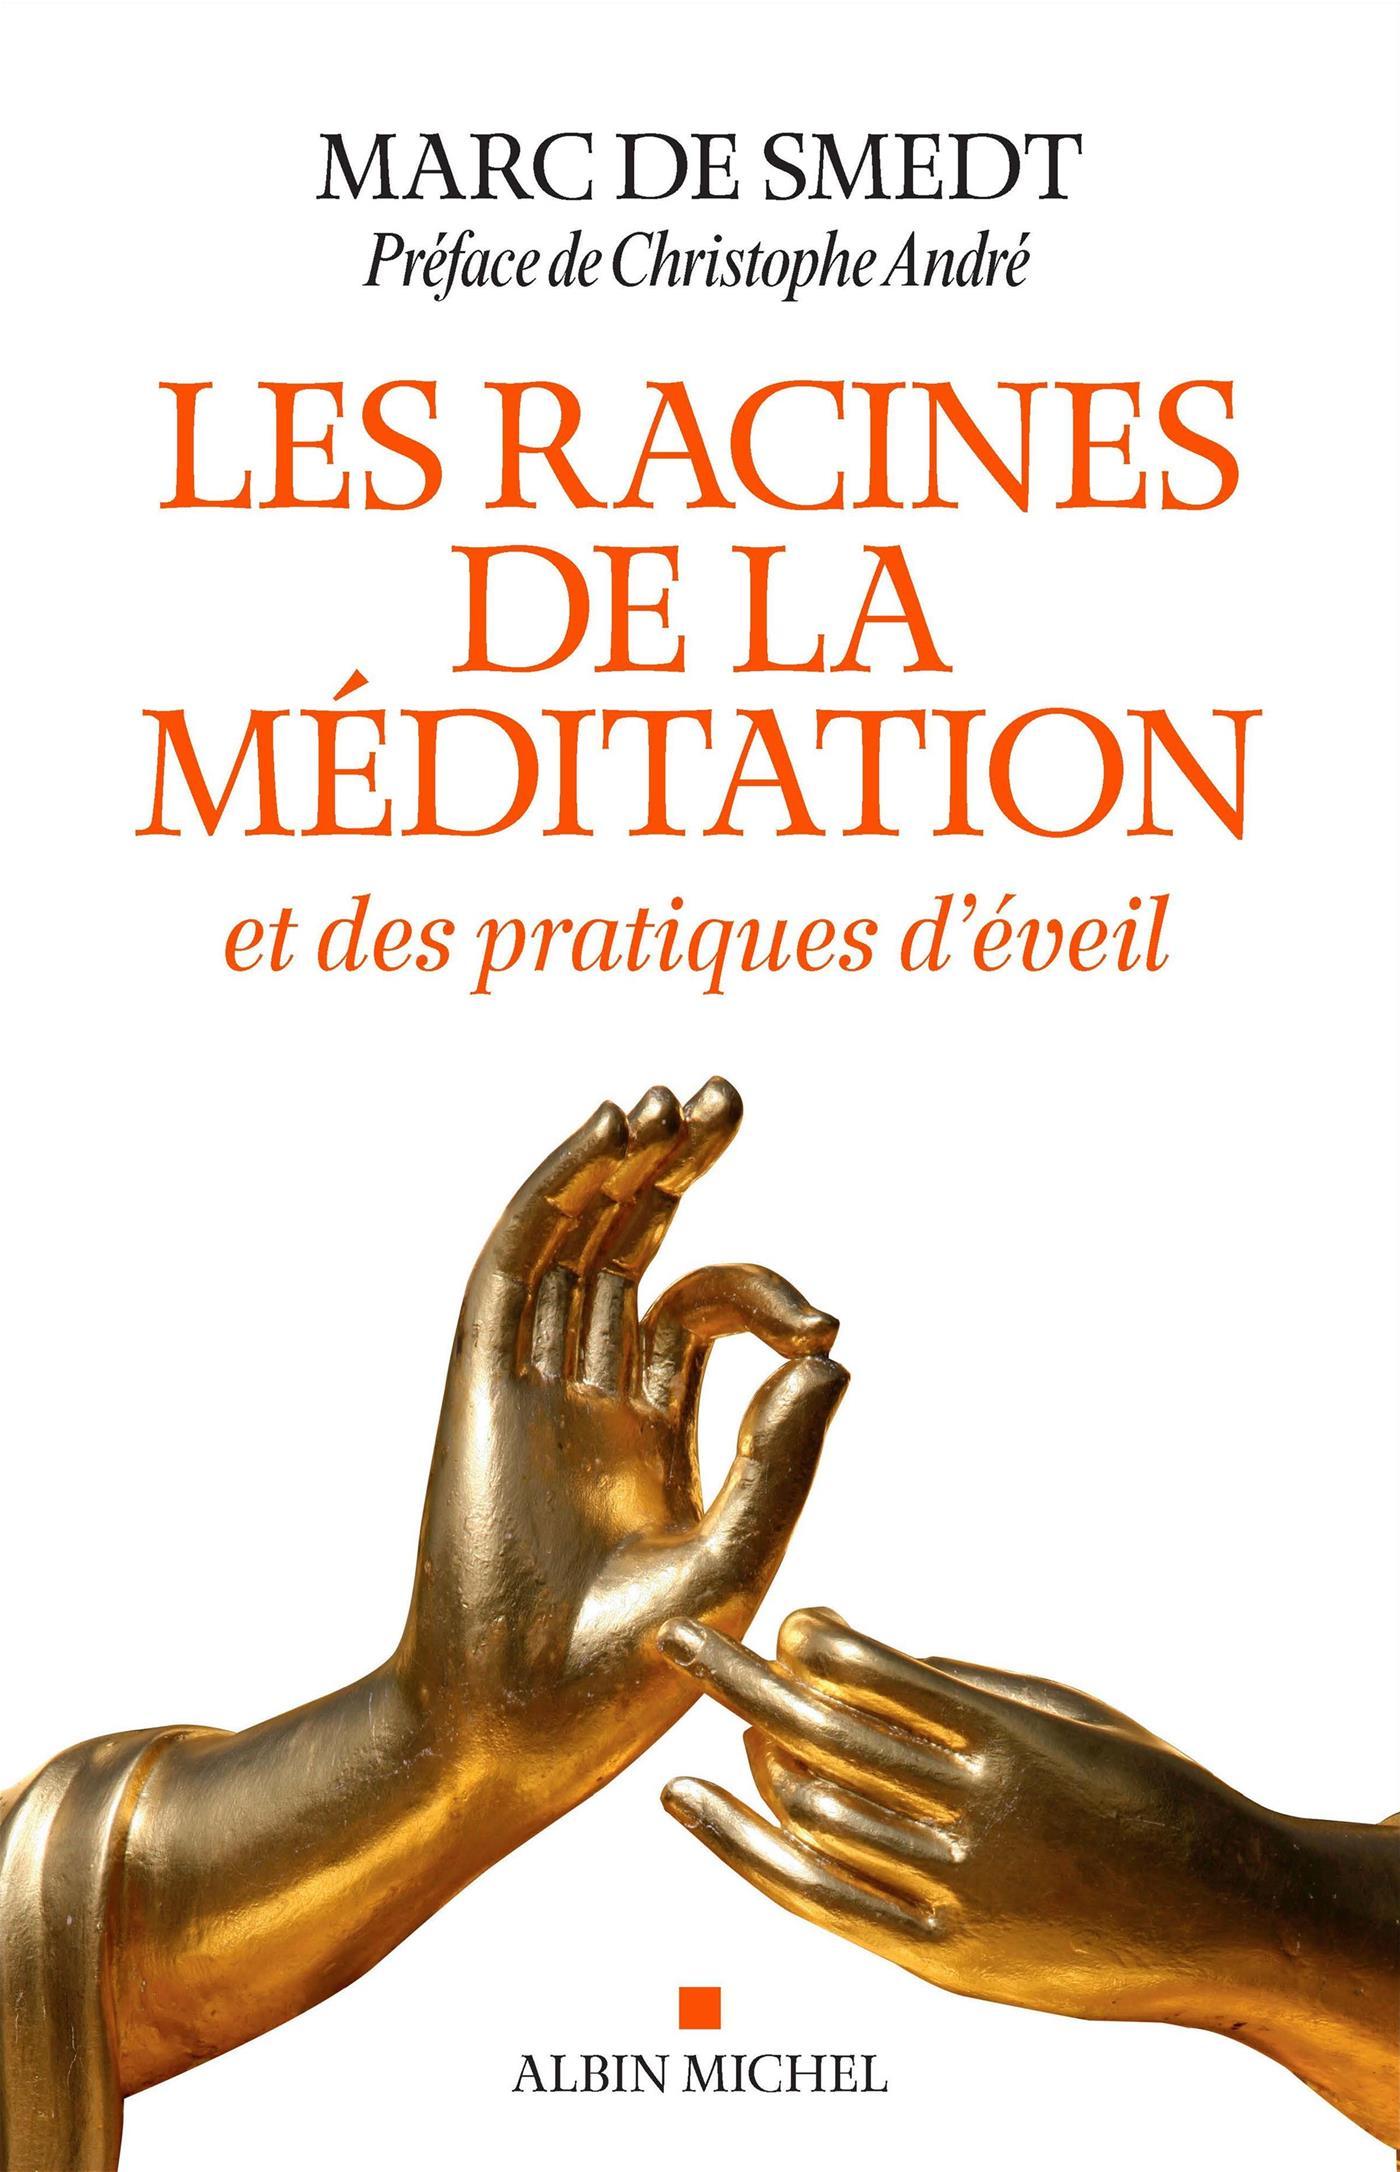 Les racines de la méditation